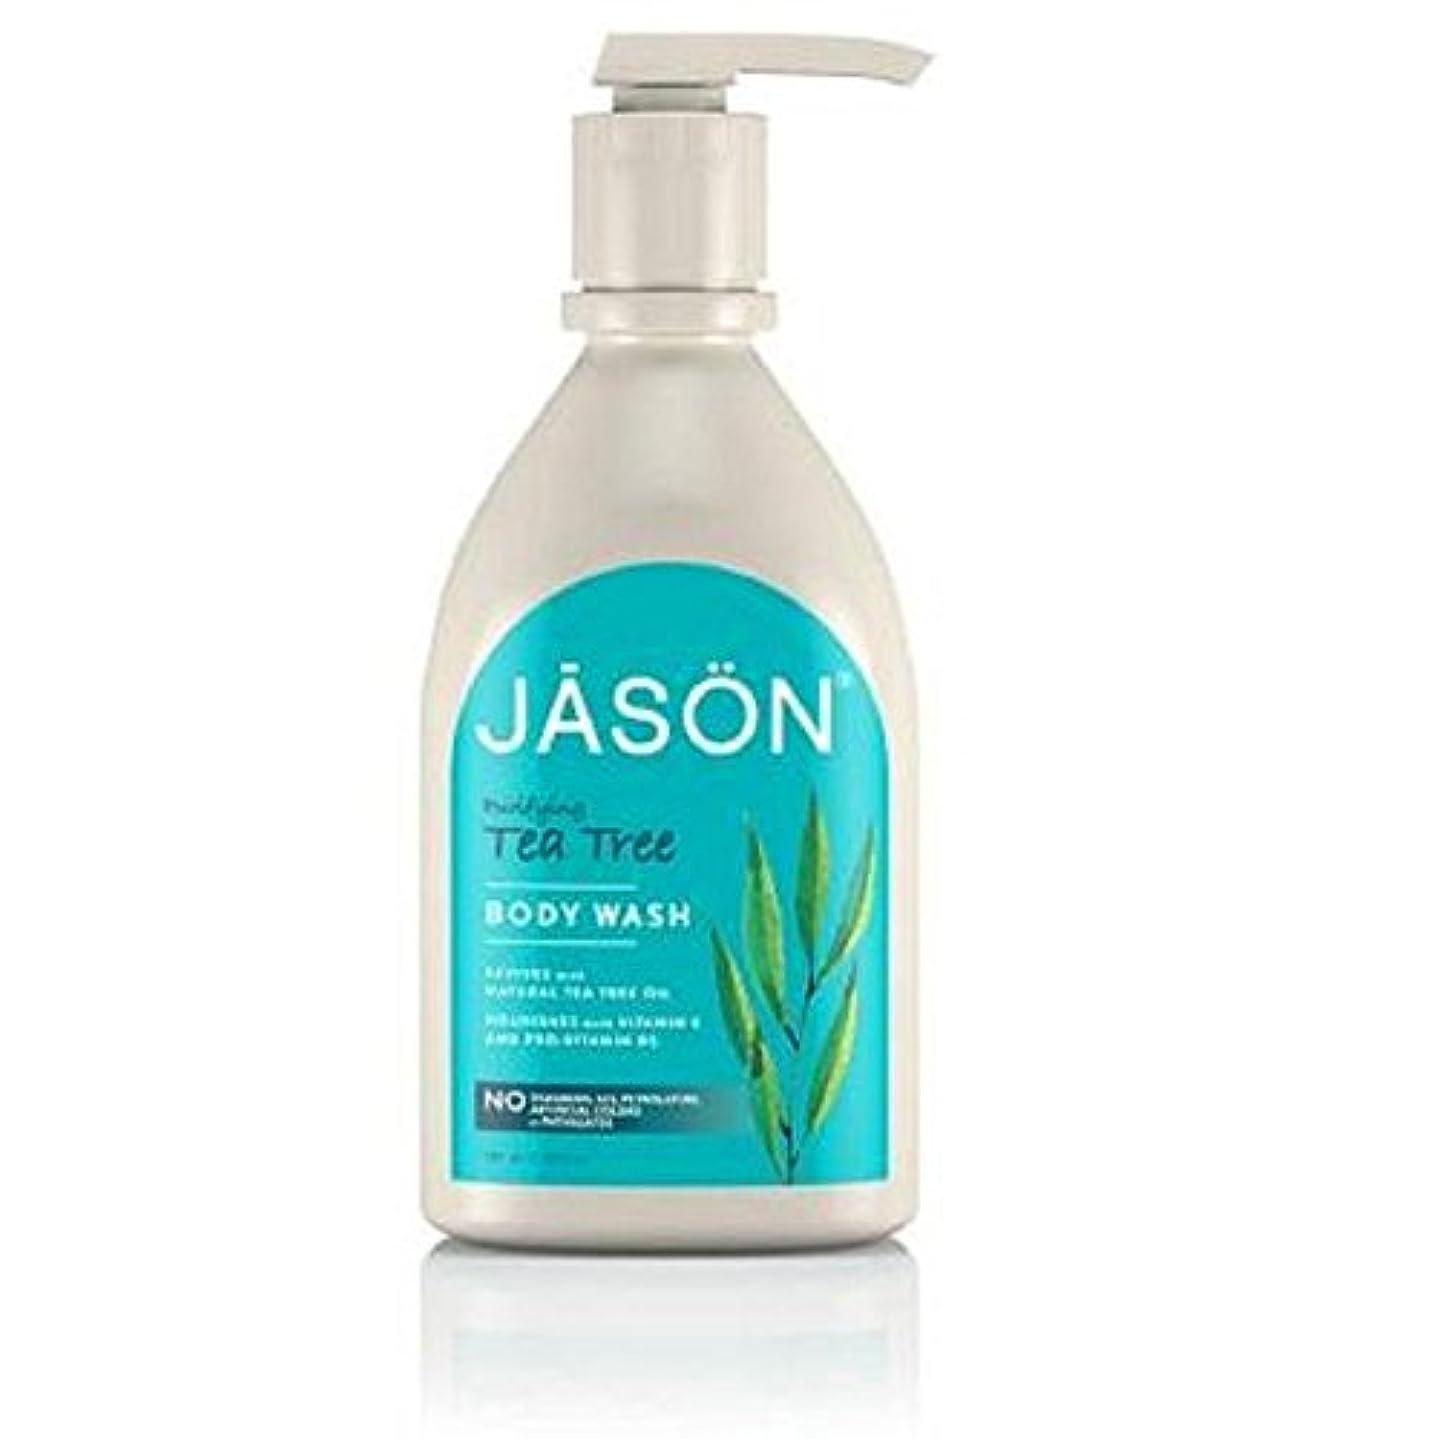 中傷レプリカカップルジェイソン?ティーツリーサテンボディウォッシュポンプ900ミリリットル x4 - Jason Tea Tree Satin Body Wash Pump 900ml (Pack of 4) [並行輸入品]